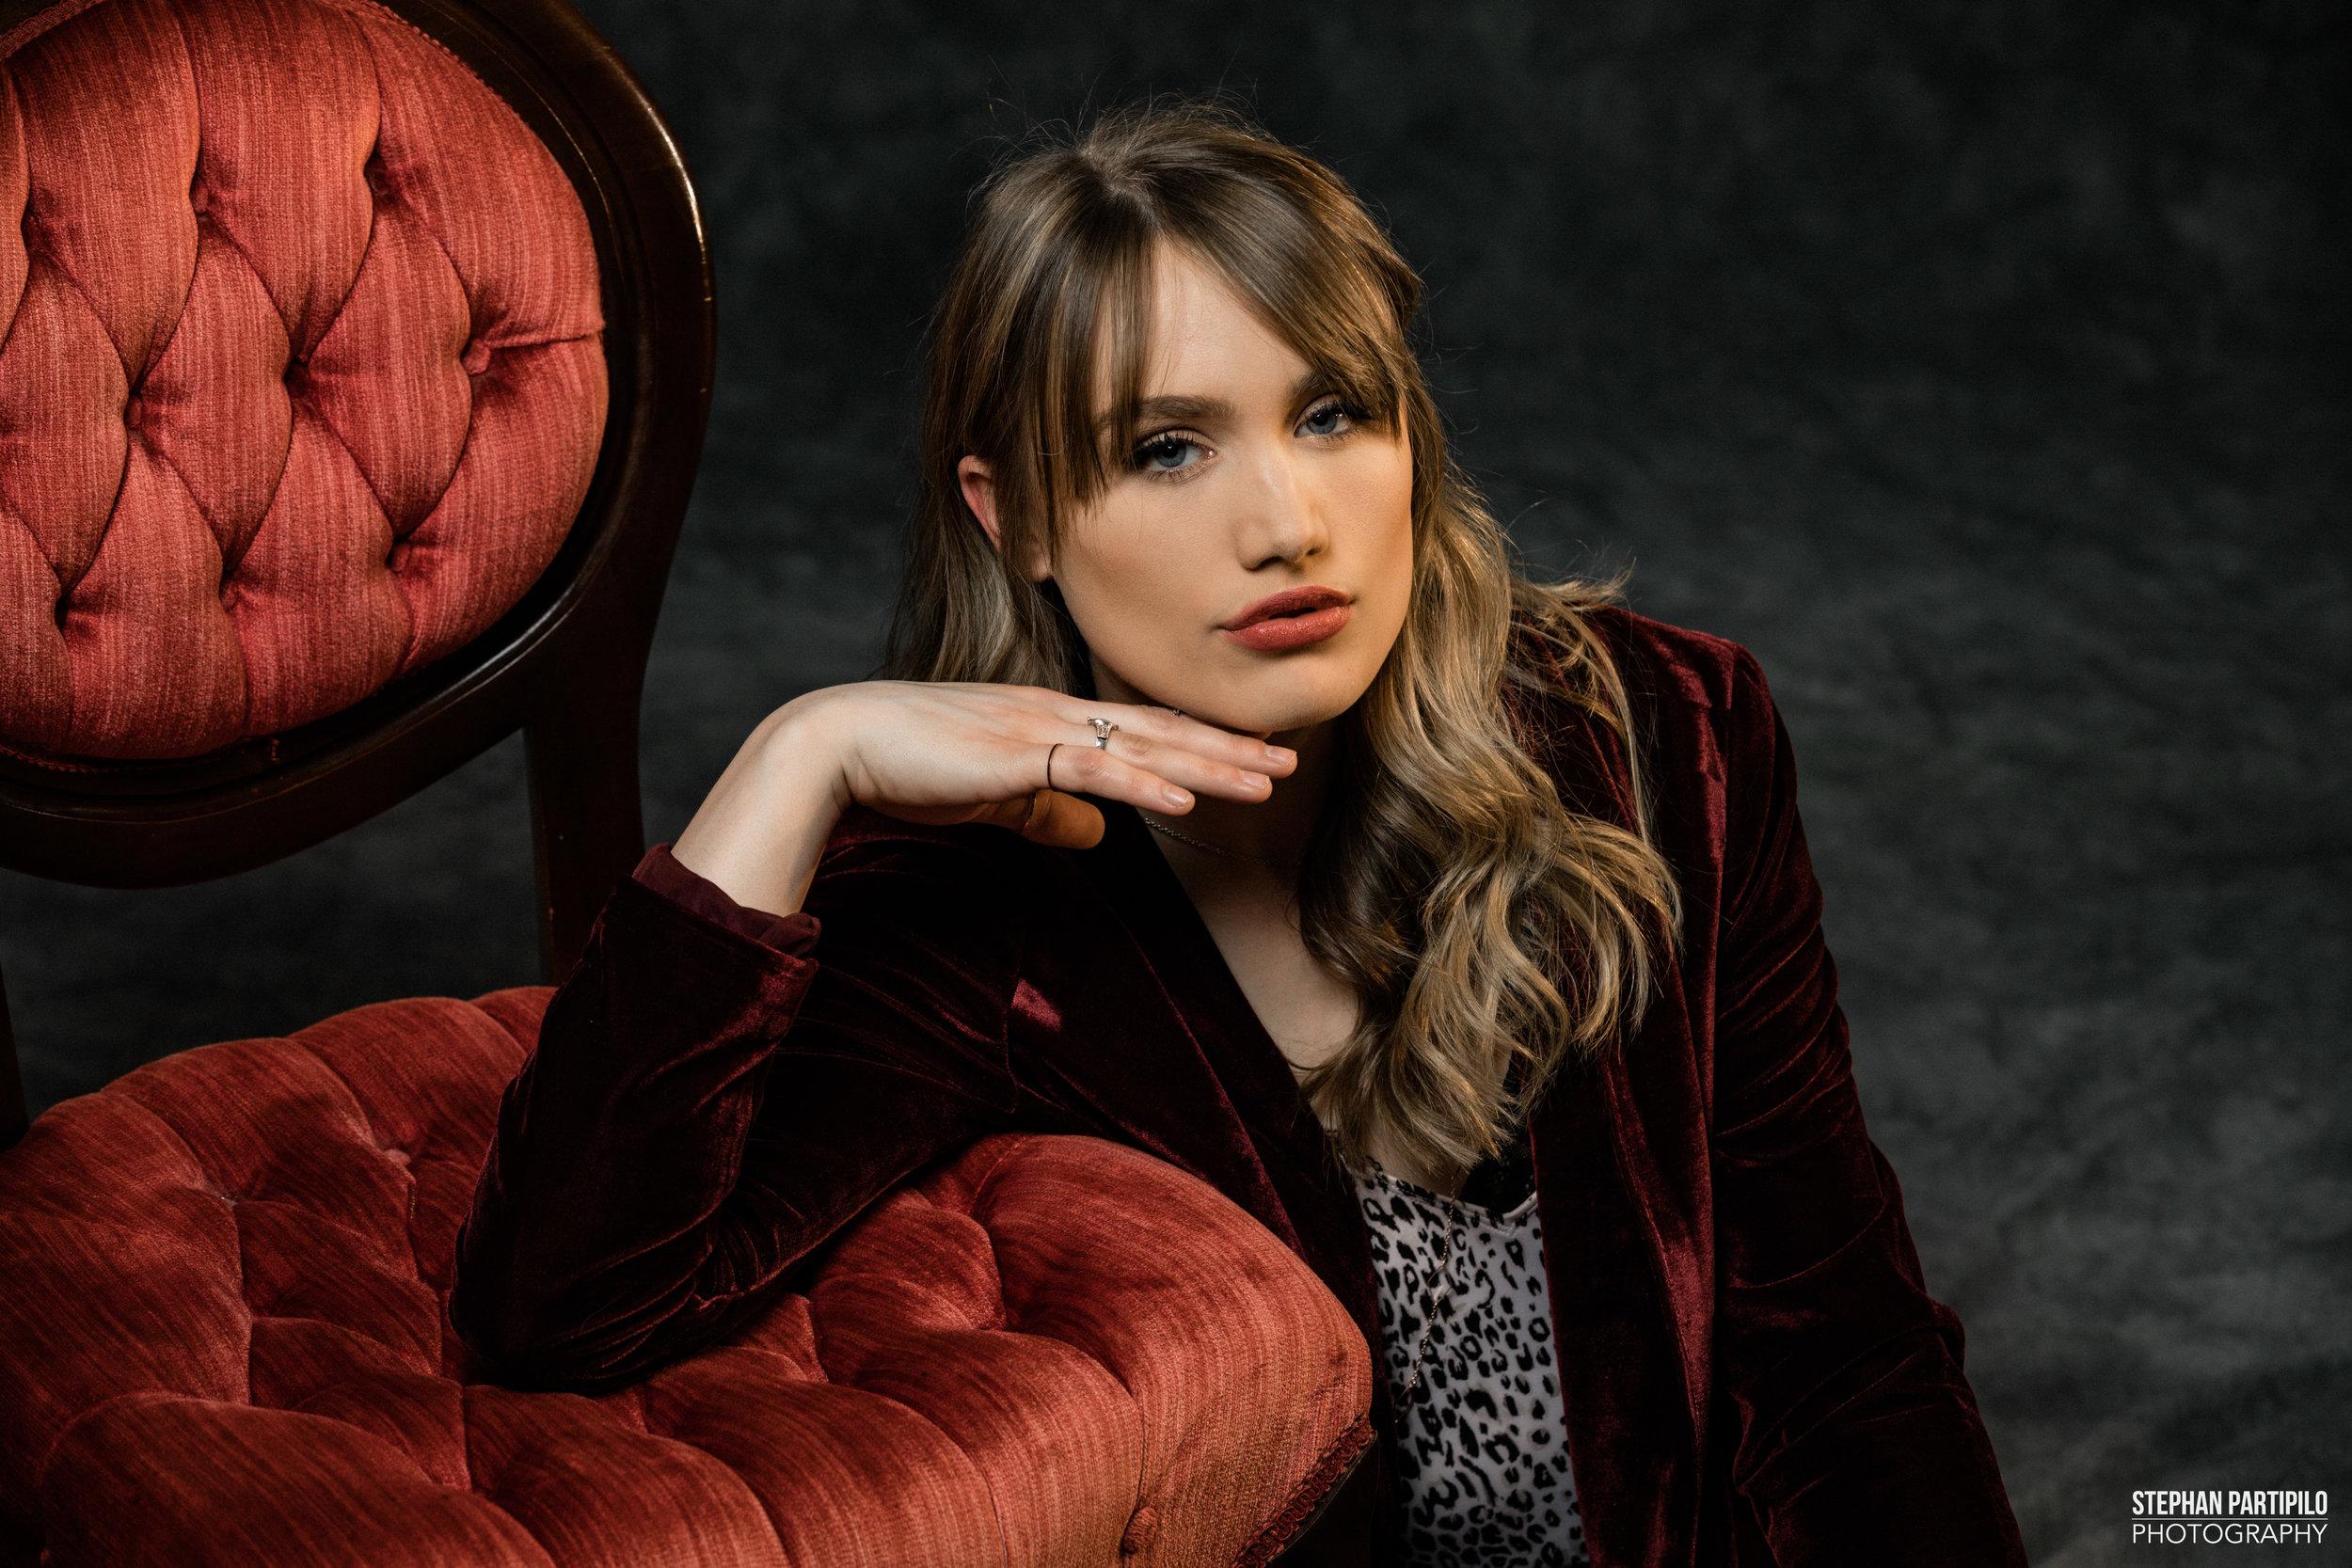 Kate Ilb April 2018 0G5A9521.jpg